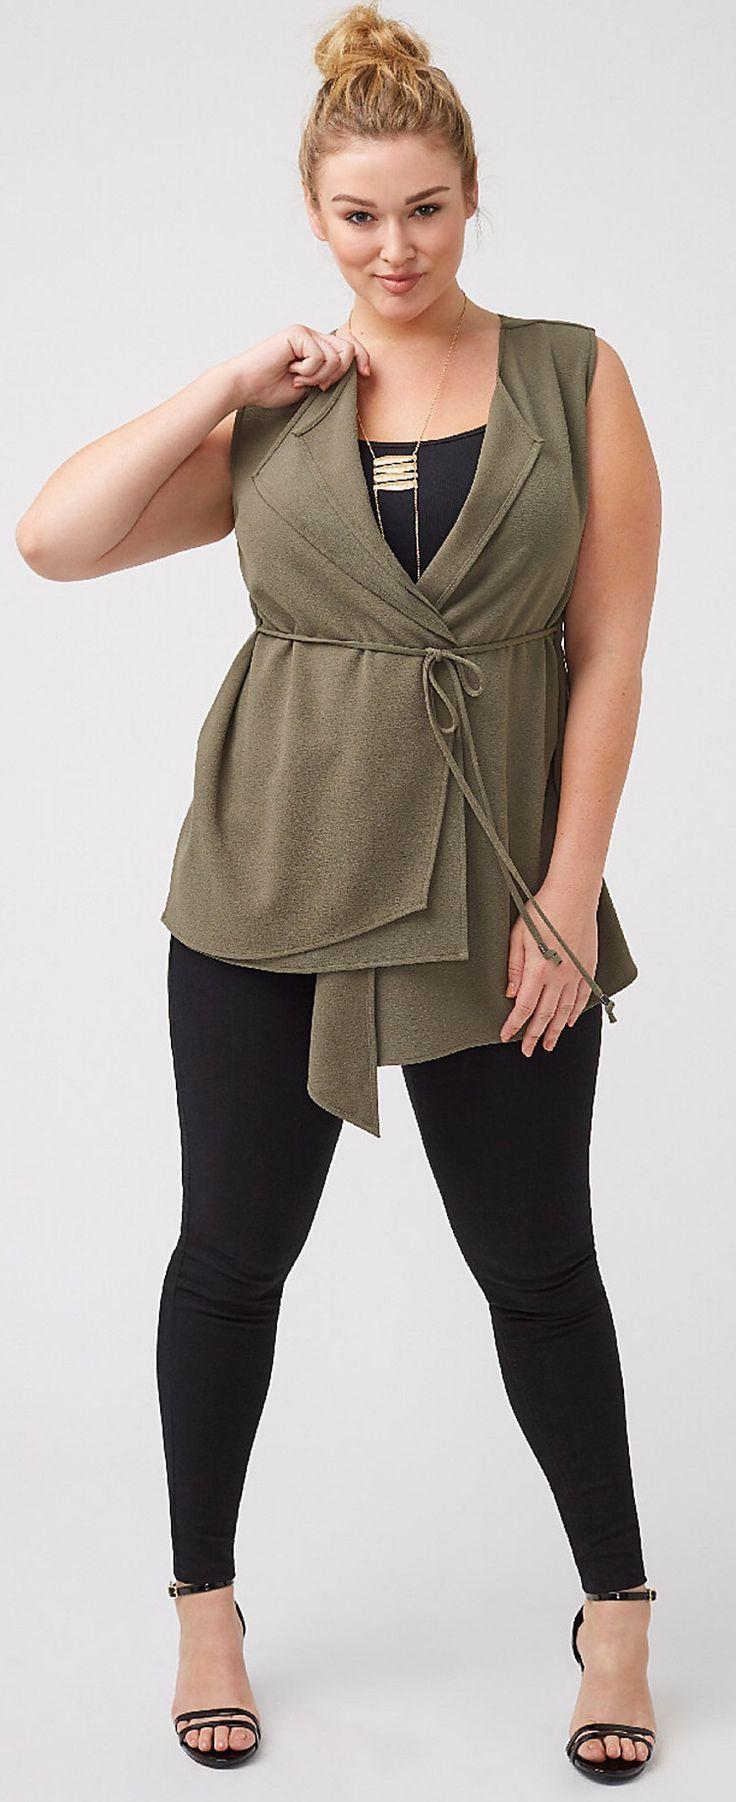 nice Lane Bryant - Lane Bryant Utility vest by http://www.polyvorebydana.us/curvy-girl-fashion/lane-bryant-lane-bryant-utility-vest/